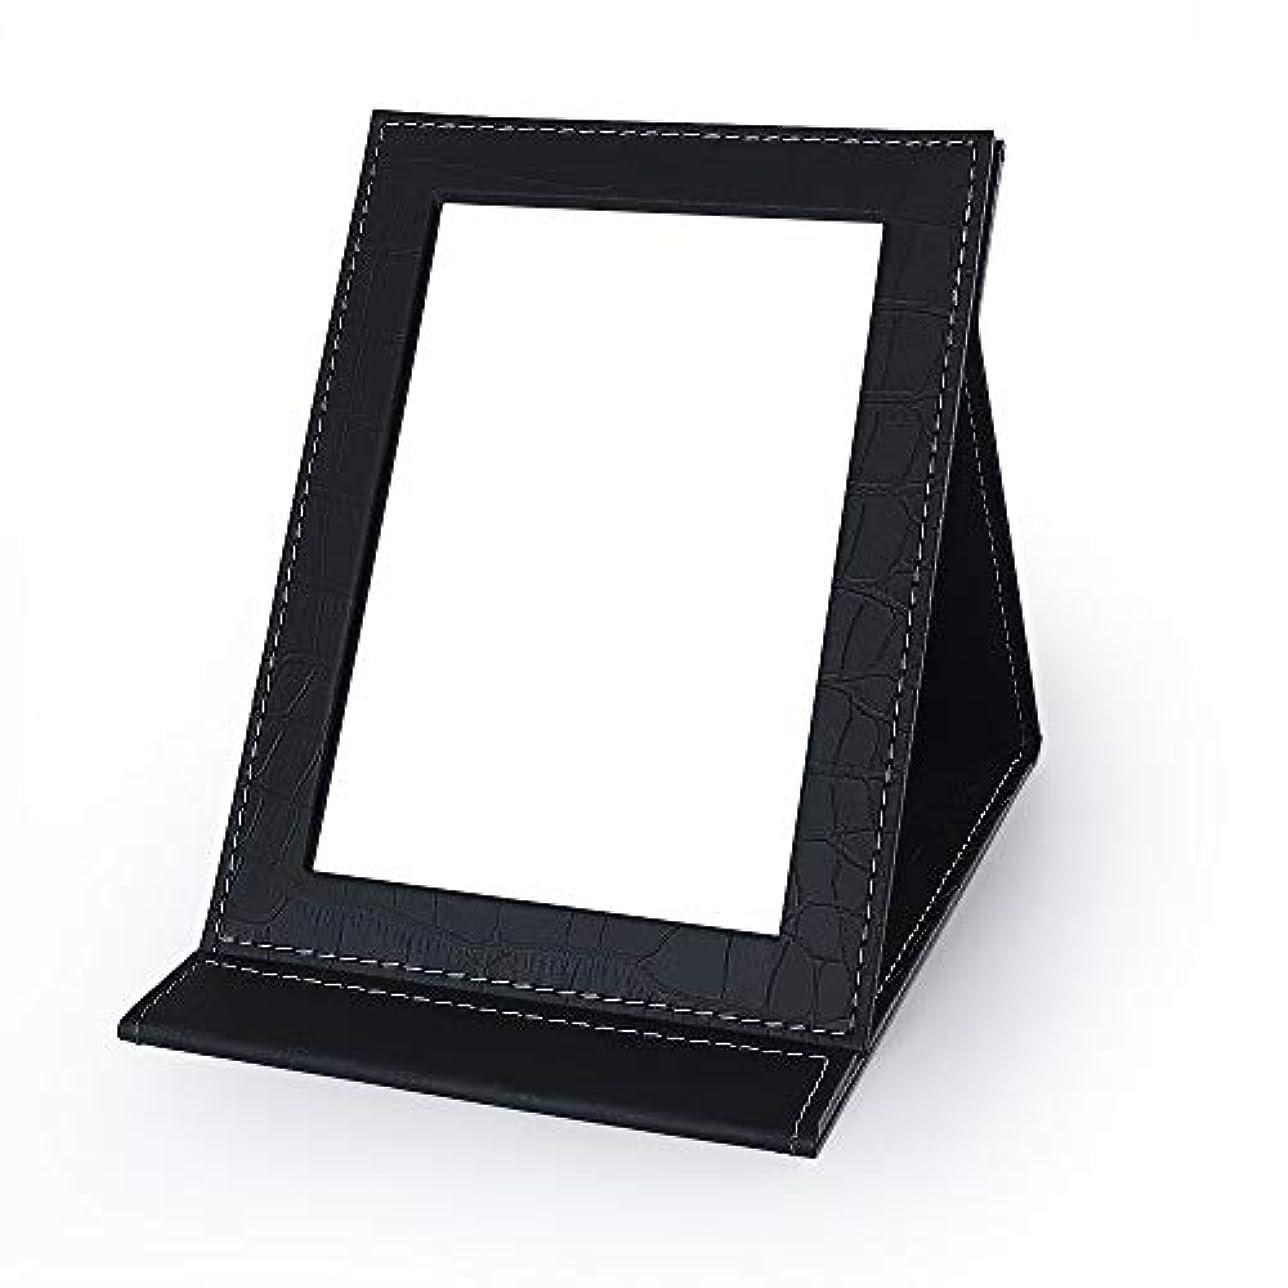 トラップビヨン警官化粧鏡 折りたたみ式 スタンドミラー PUレザー 高級 卓上ミラー おしゃれ